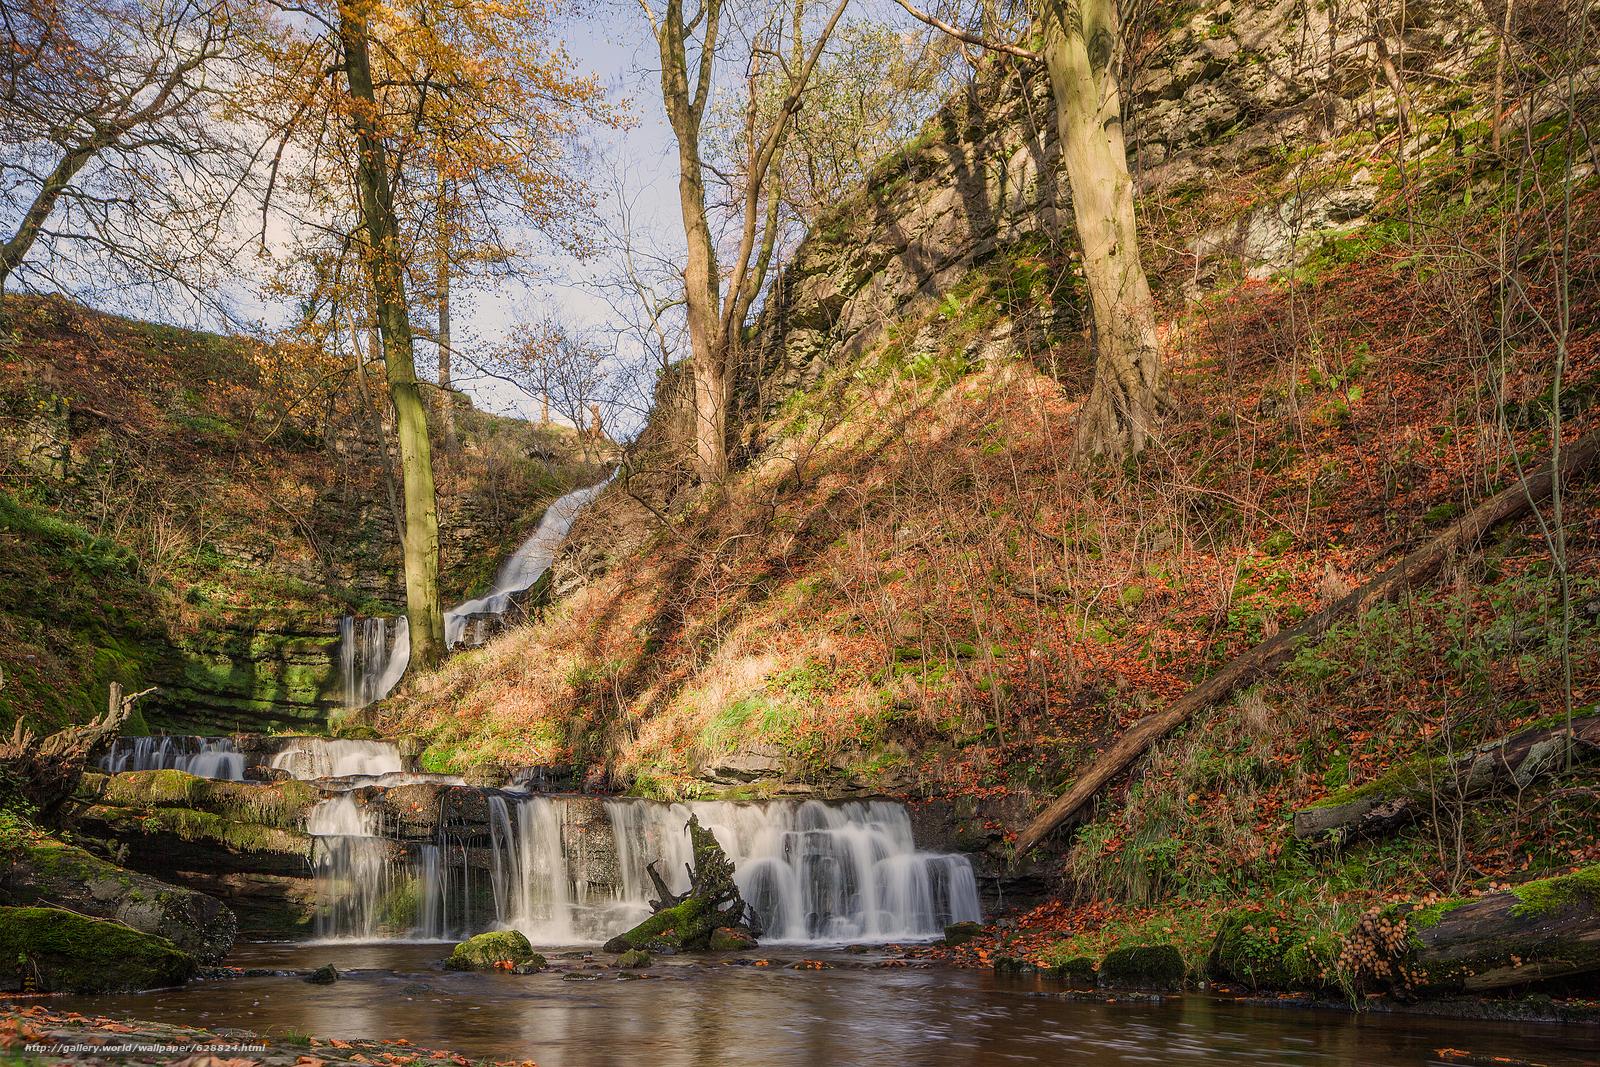 осень, холмы, водопад, речка, природа